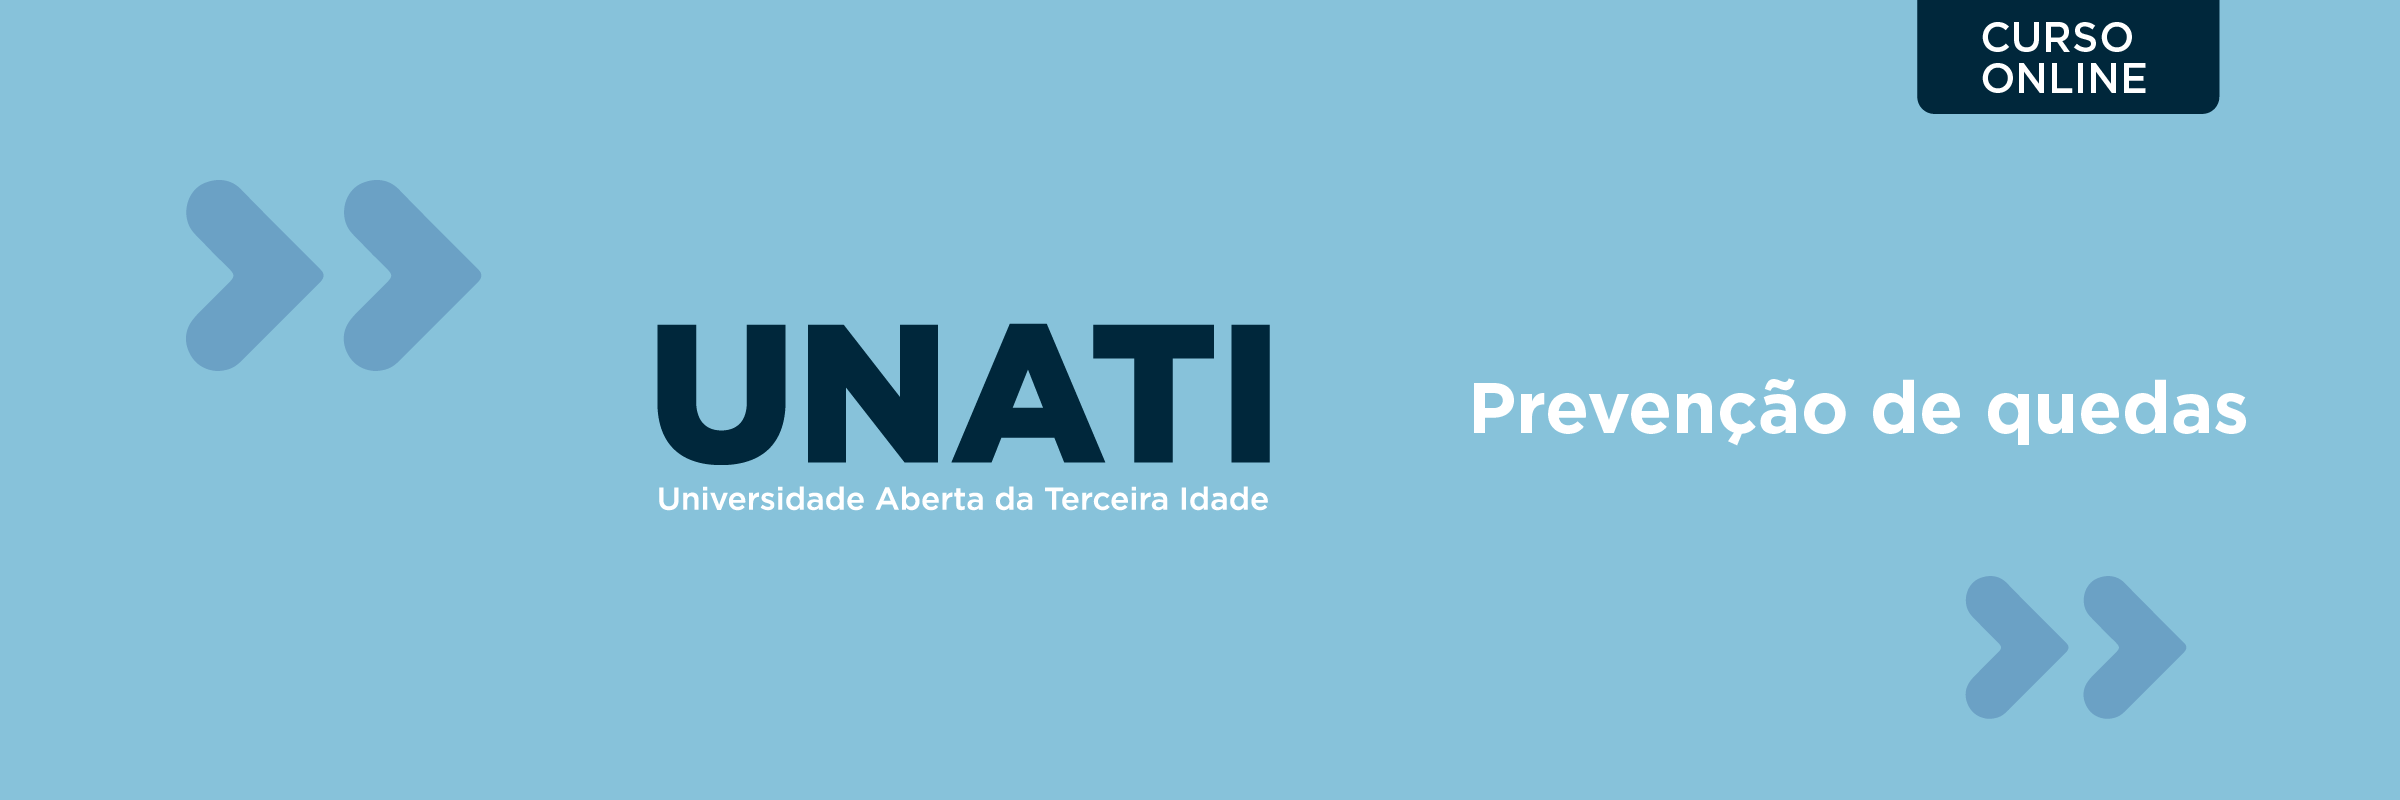 192166 - CURSO DE EXTENSÃO EM PREVENÇÃO DE QUEDAS EM IDOSOS